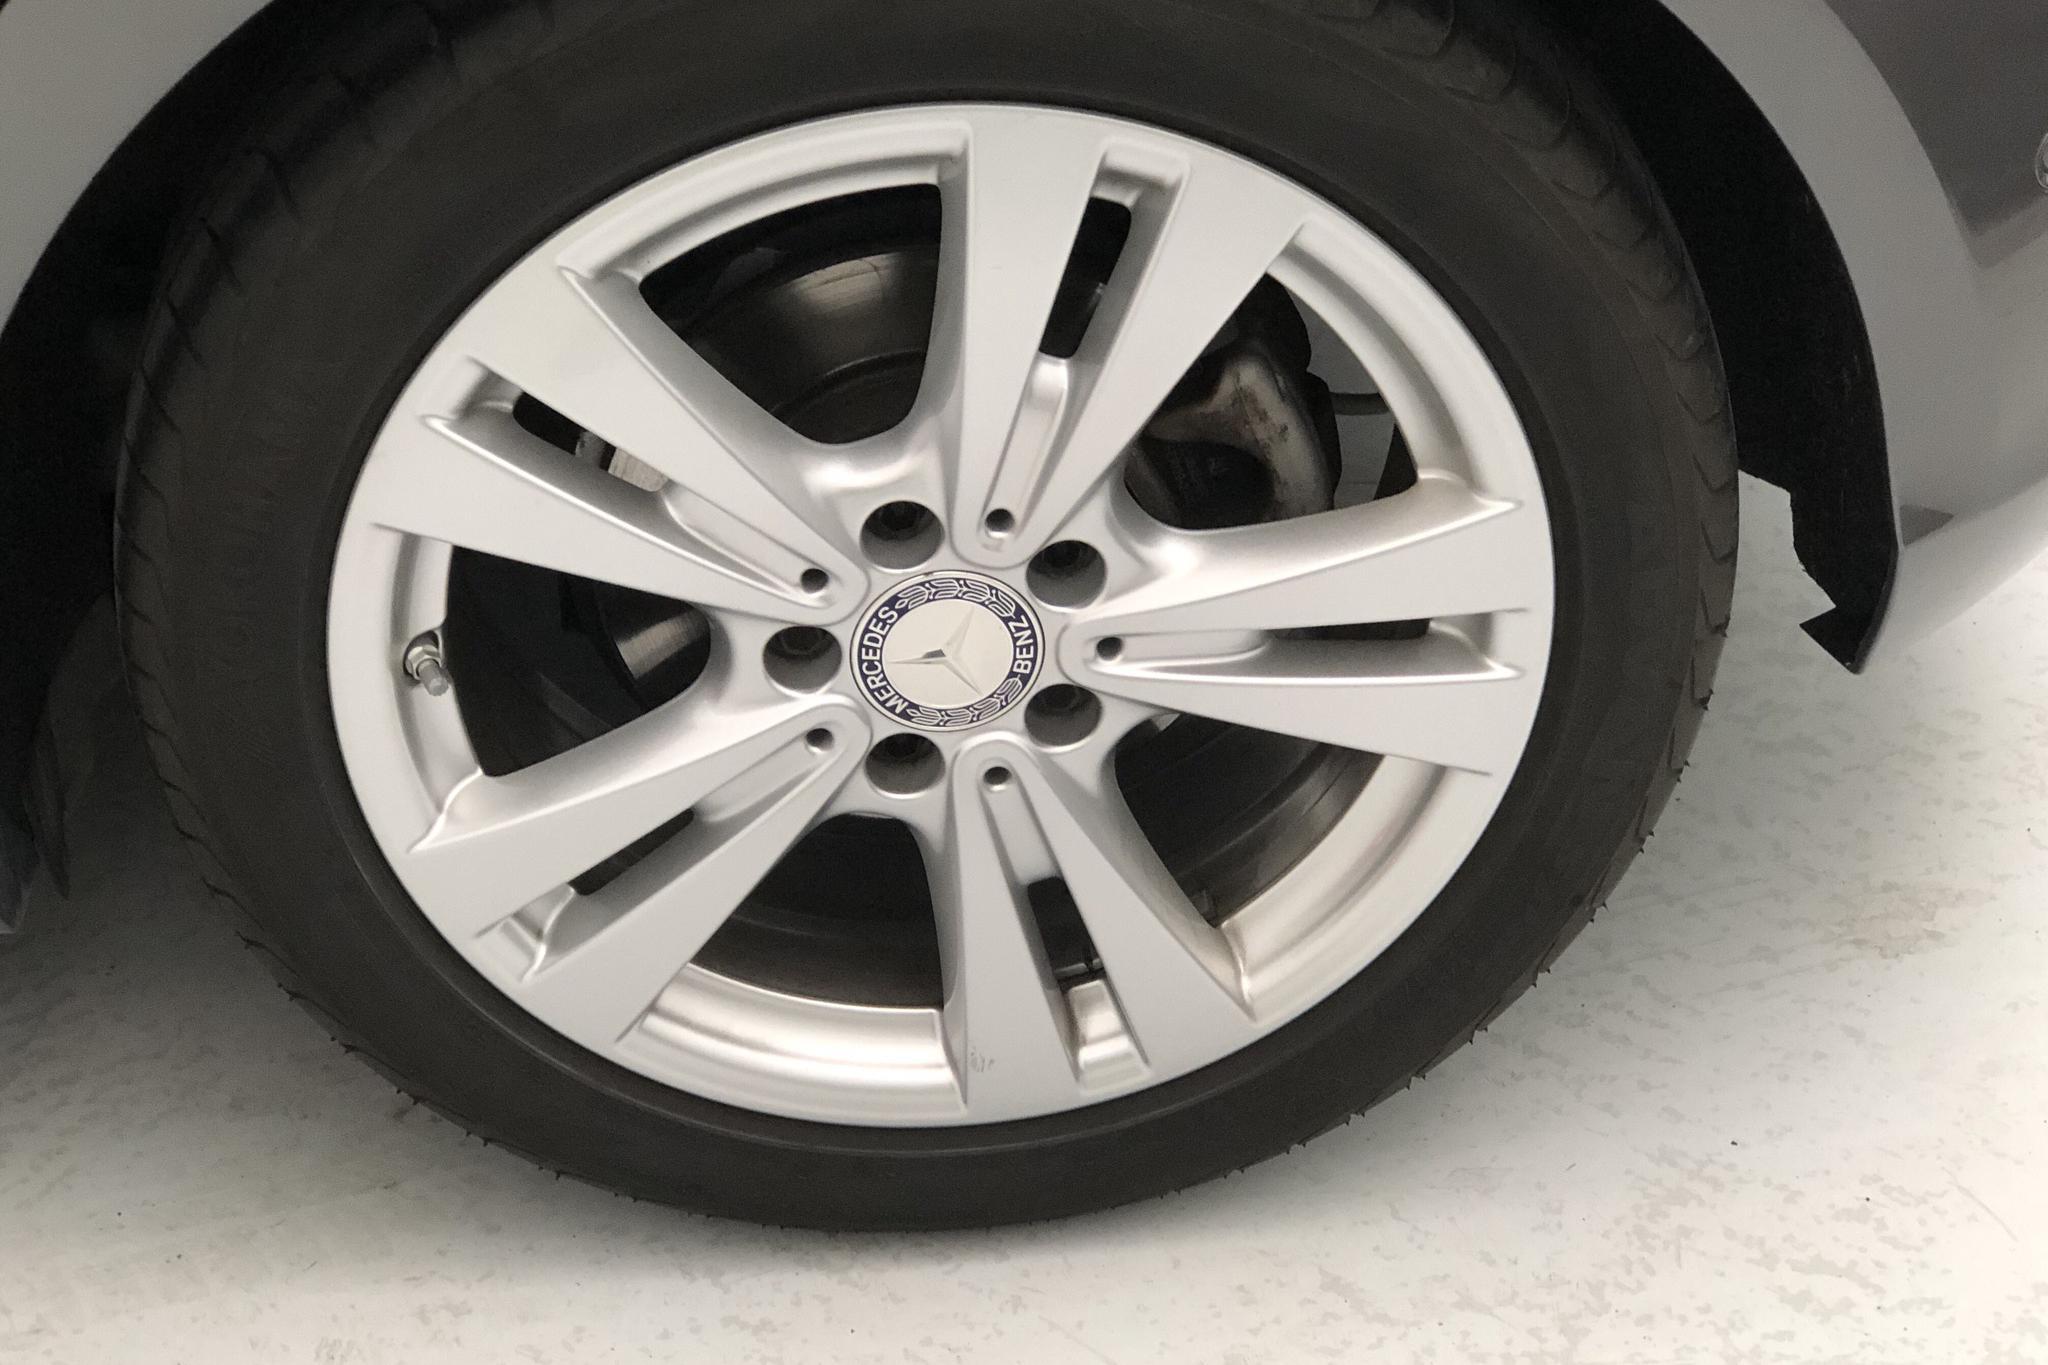 Mercedes A 180 5dr W176 (122hk) - 37 640 km - Manual - Dark Grey - 2016